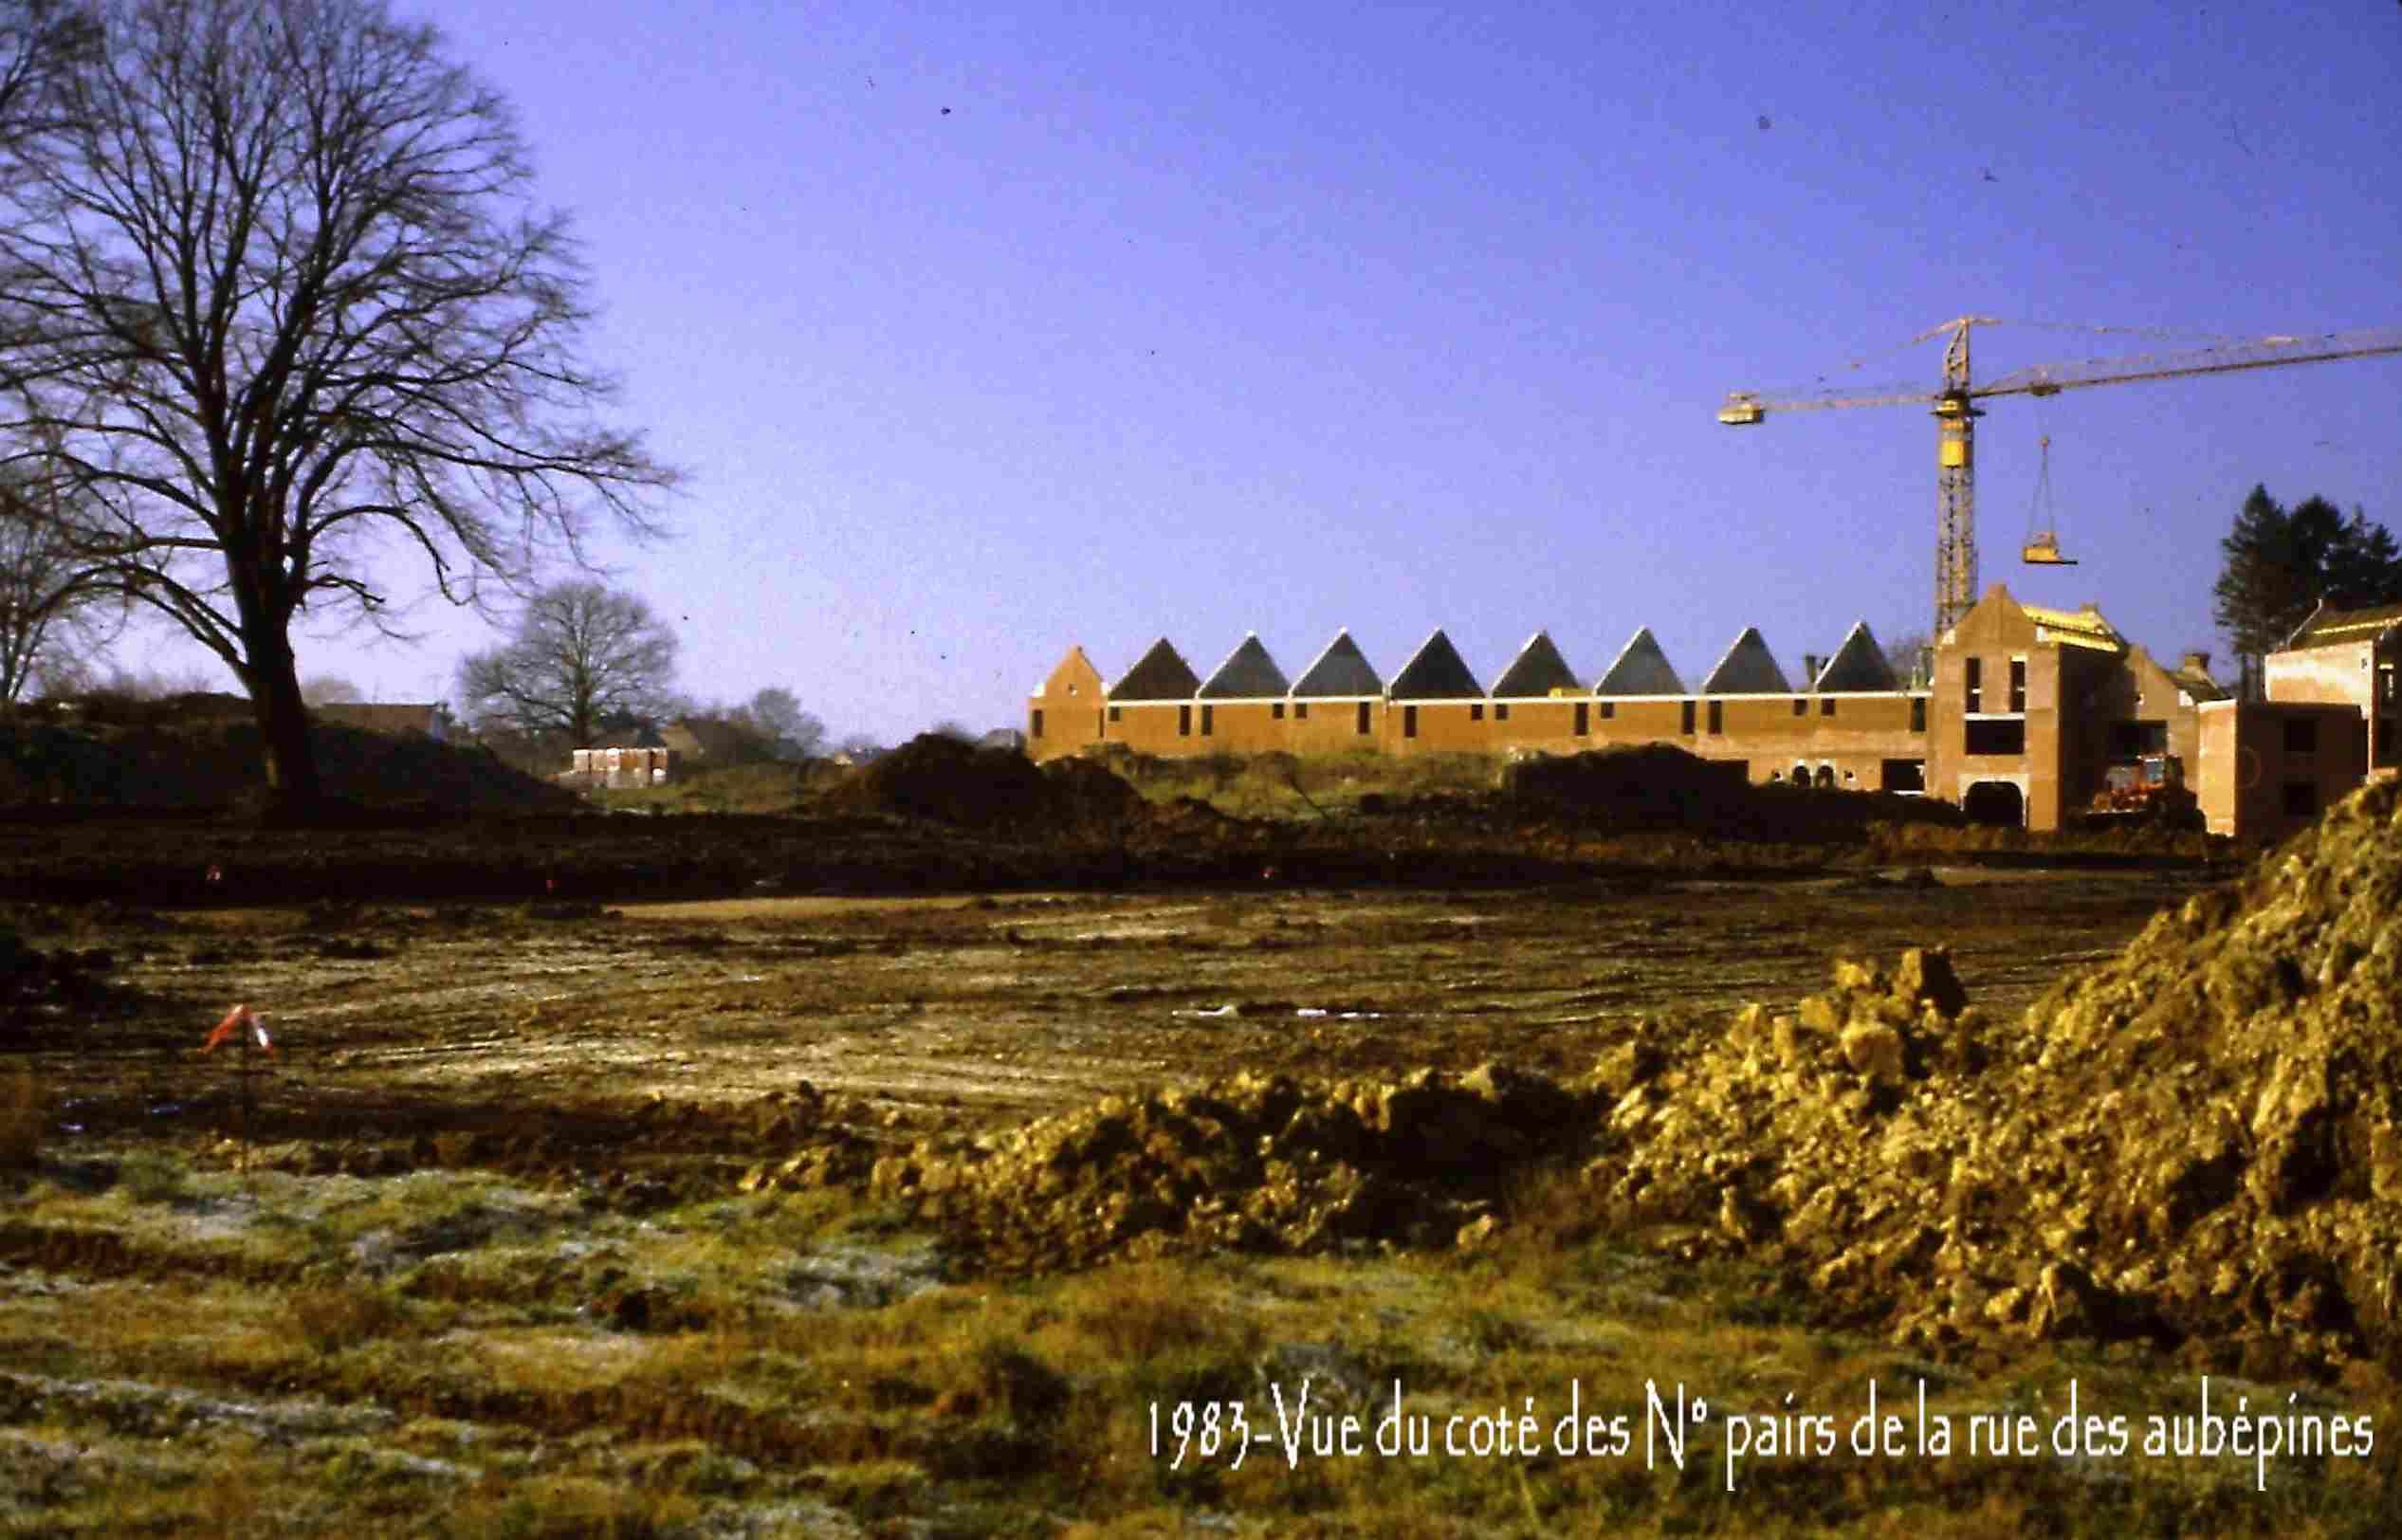 Famars-1983-Vue-coté-n°-pairs-de-la-rue-des-aubépines1